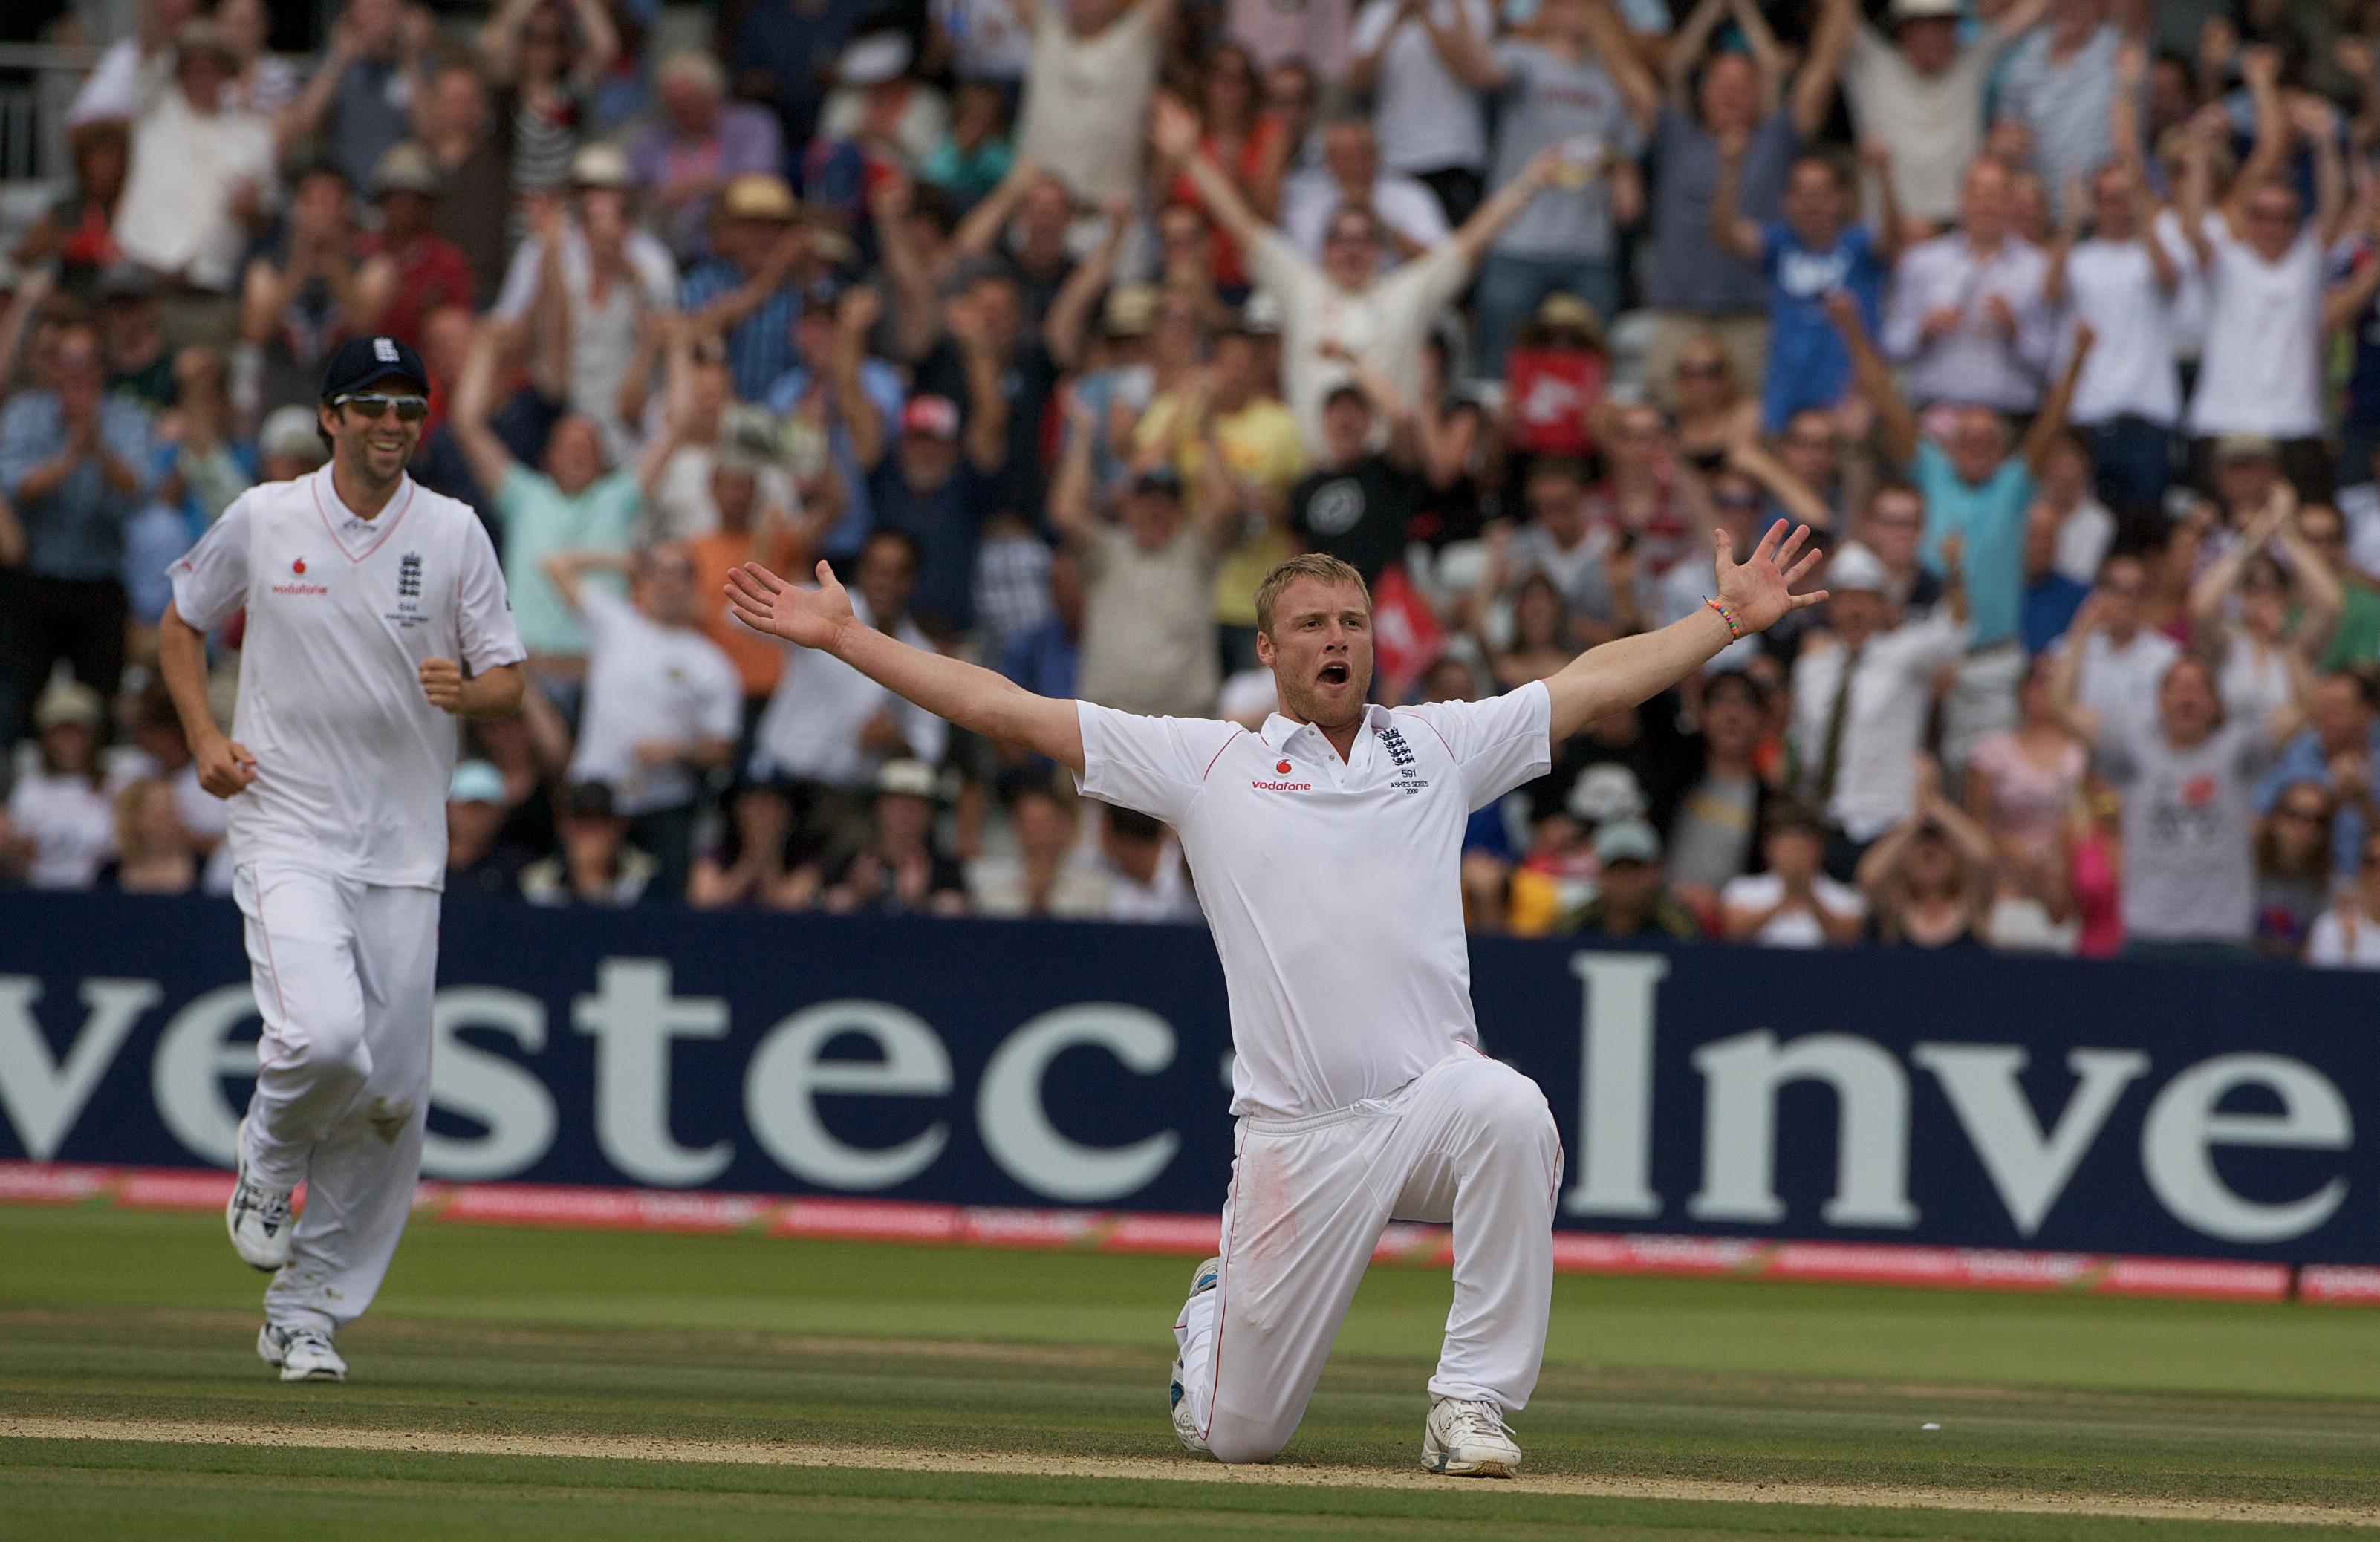 Freddie Flintoff is an England cricket great